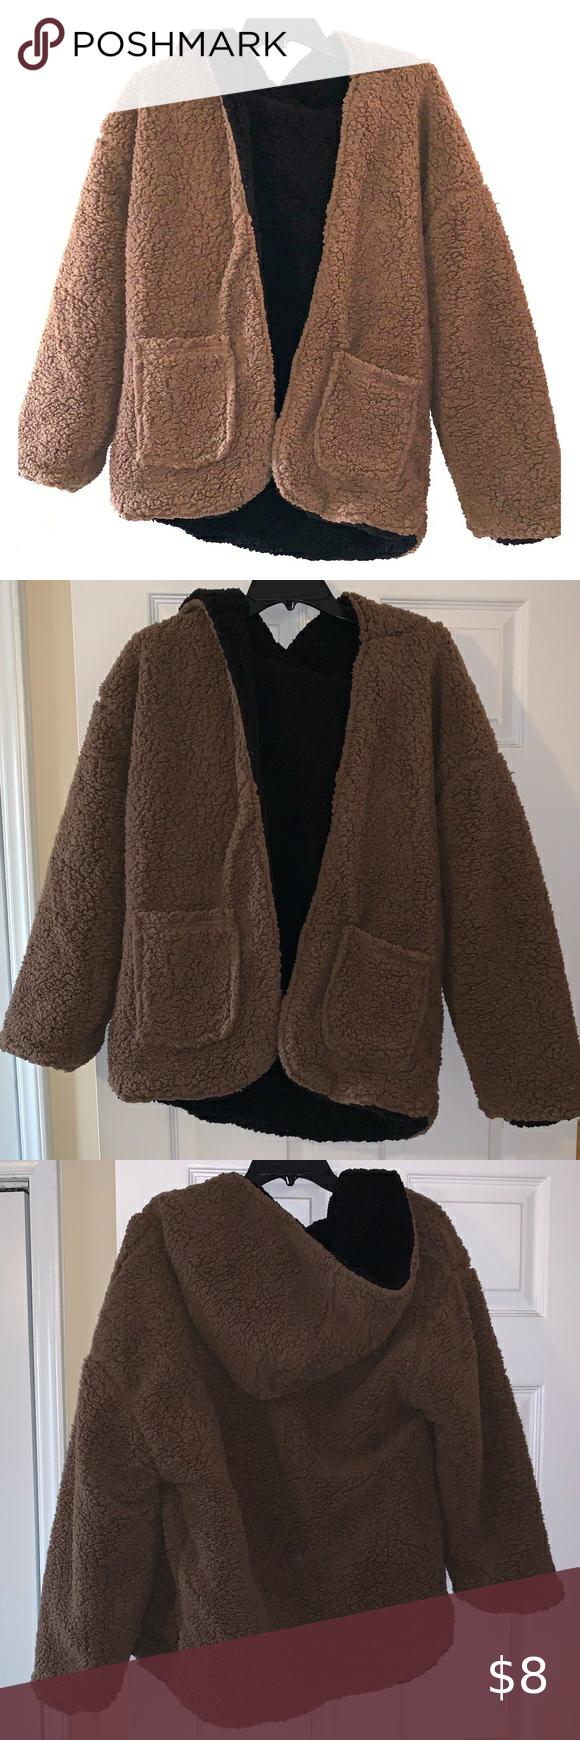 Reversible hooded teddy jacket Reversible hooded teddy